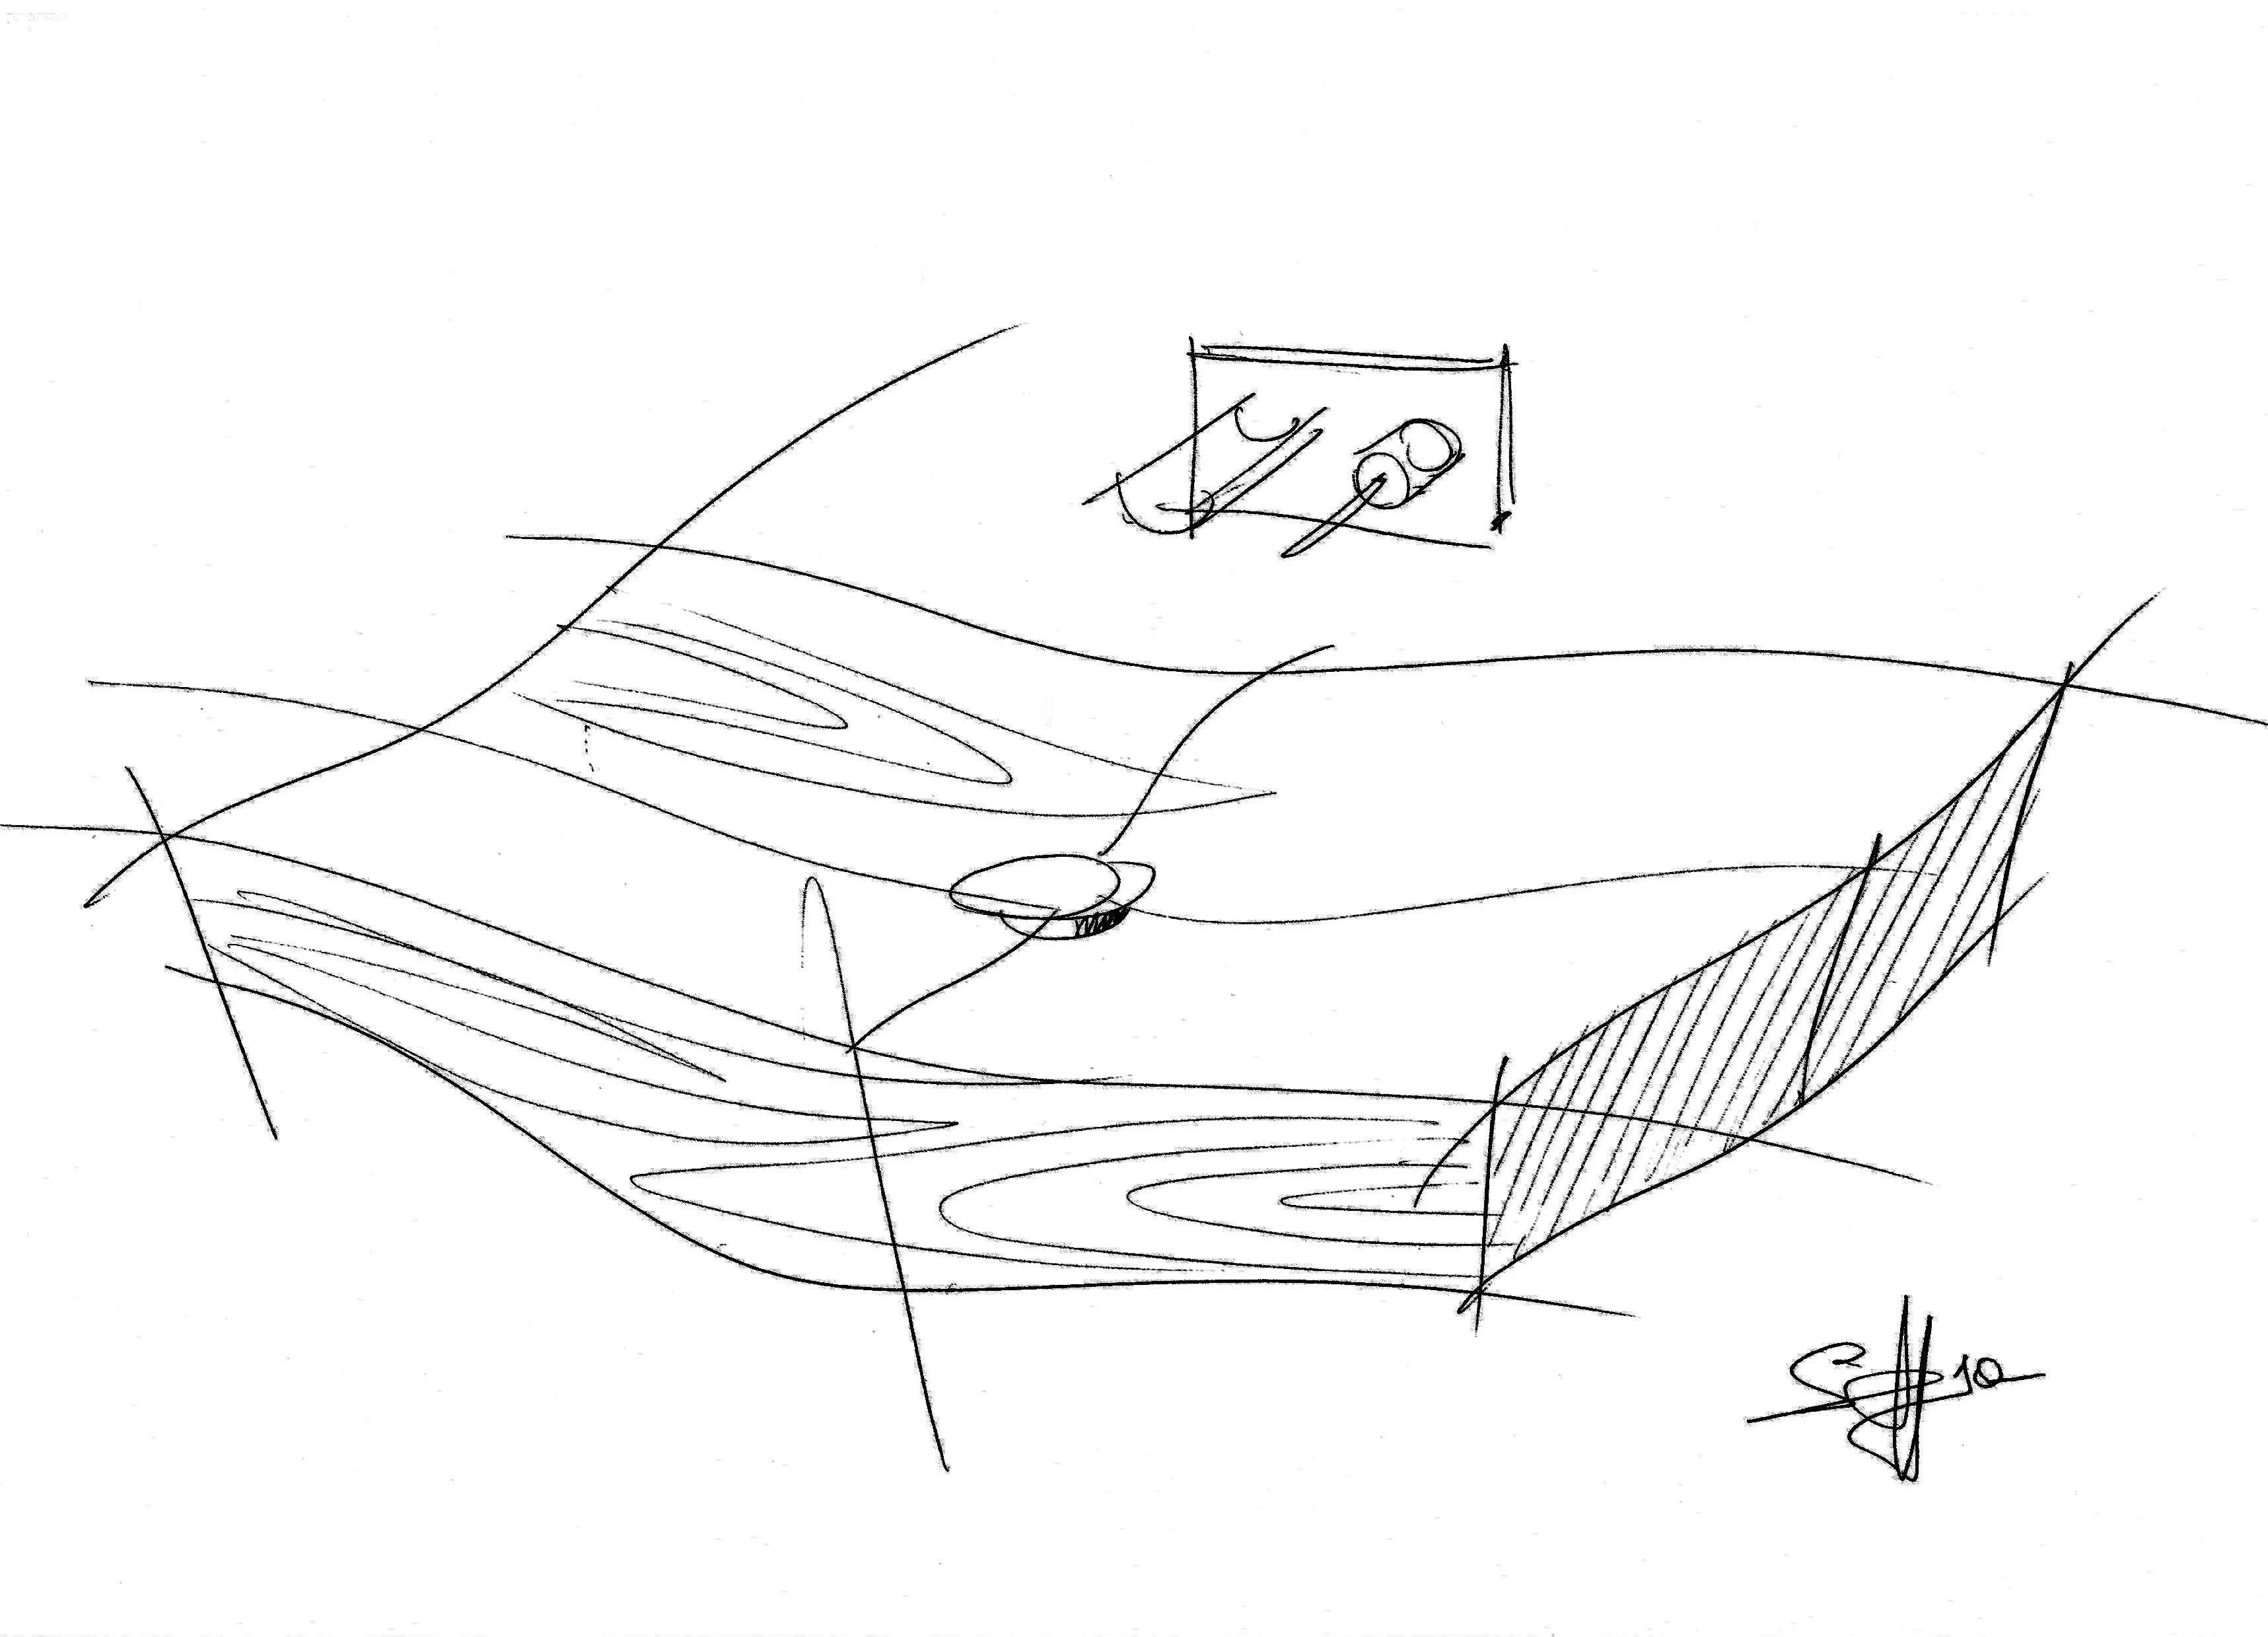 tao spoldi ideabagno lavabo legno simone casarotto design schizzo sketch